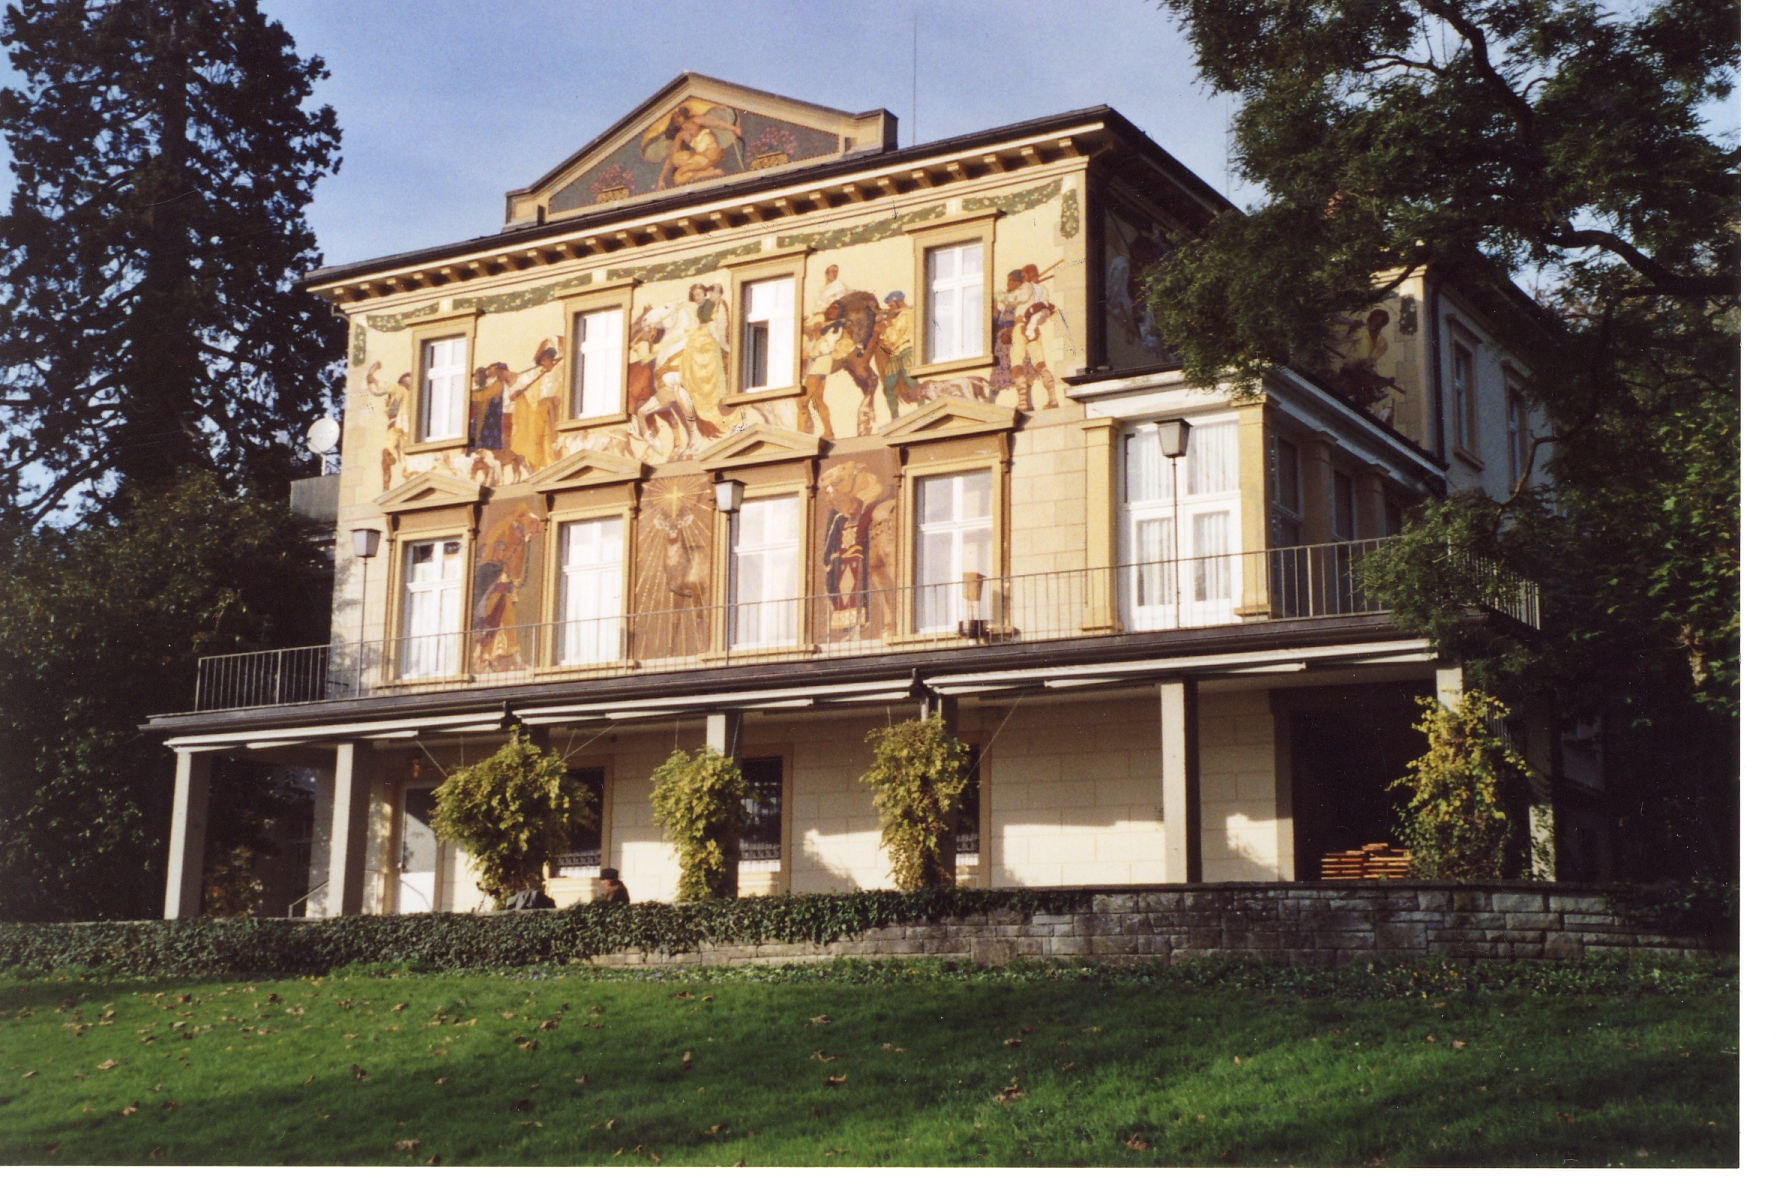 Fenster im Denkmalschutz:  Villa Priem Konstanz - abdichten, sanieren, erhalten